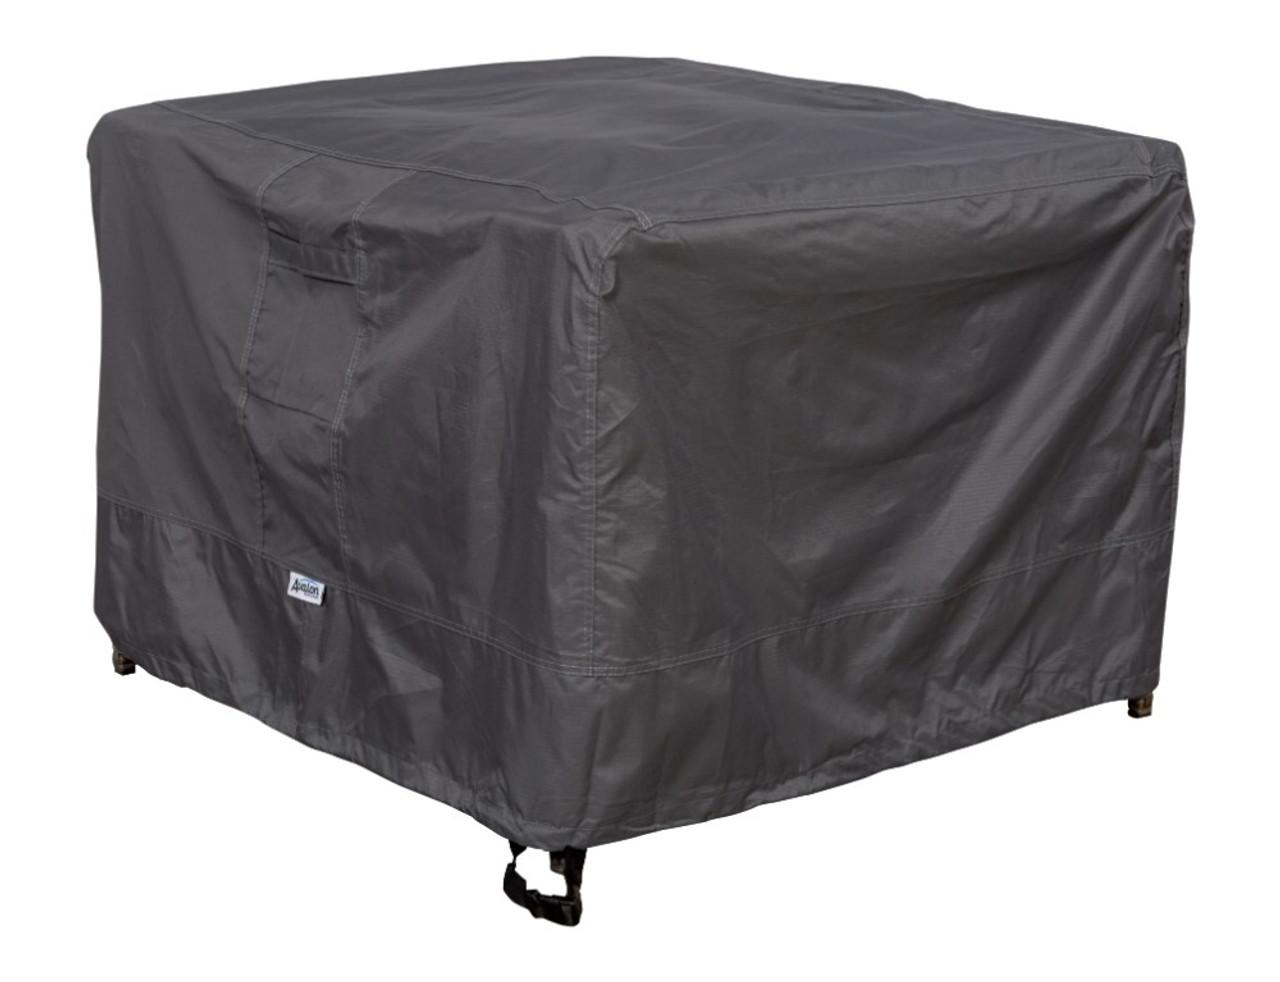 Avalon box chair cover